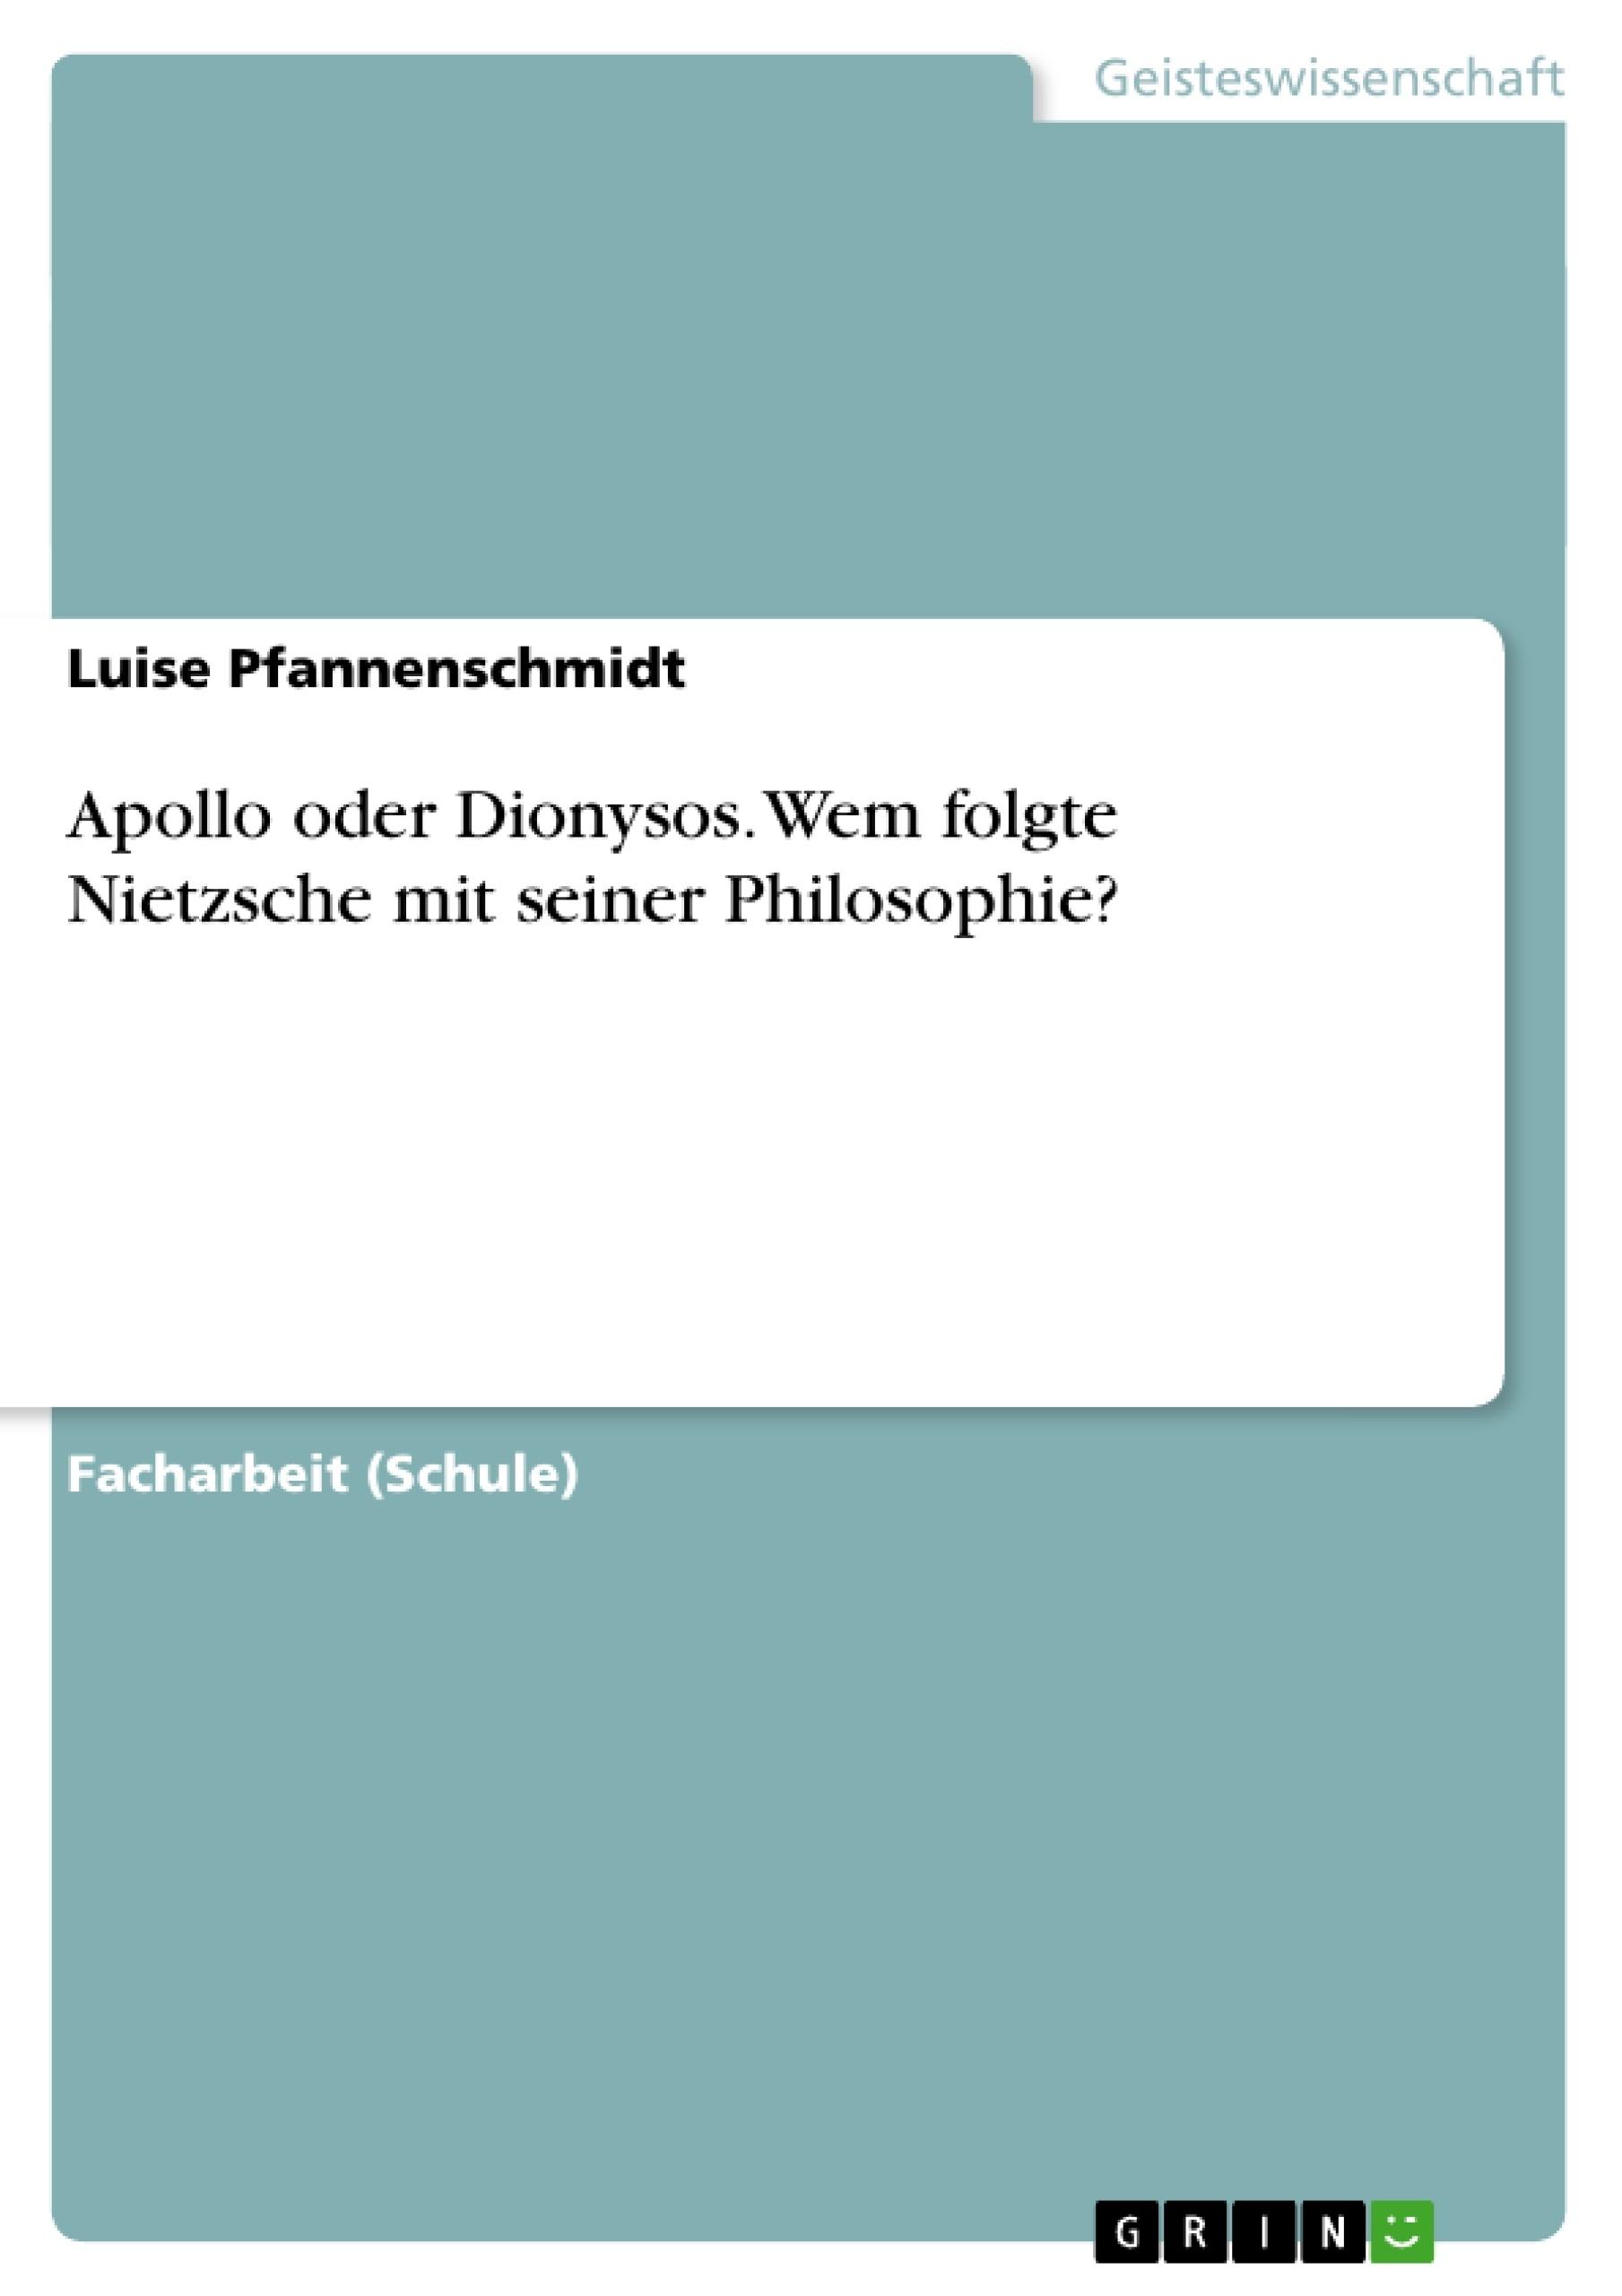 Titel: Apollo oder Dionysos. Wem folgte Nietzsche mit seiner Philosophie?